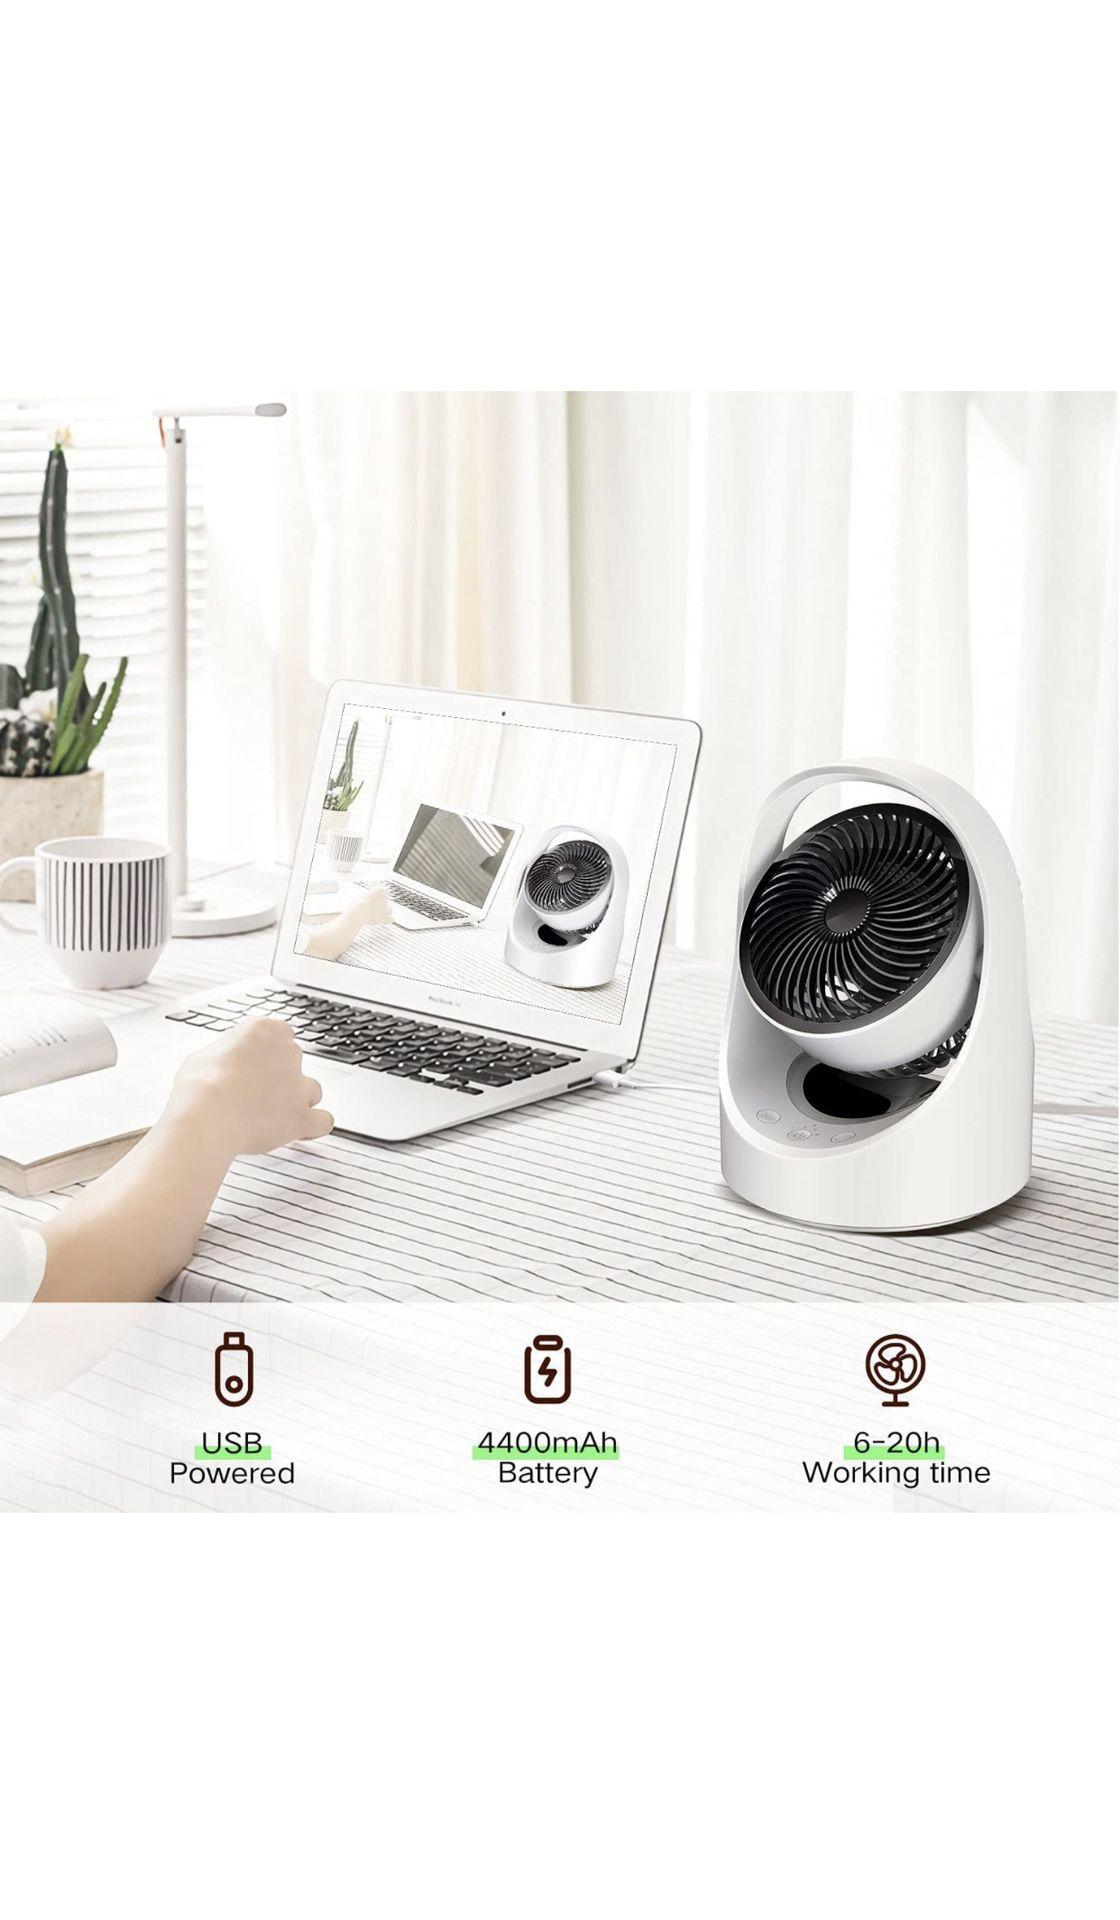 Air Circulator Fan Rechargeable Desk Fan Portable Oscillating Cordless Fan